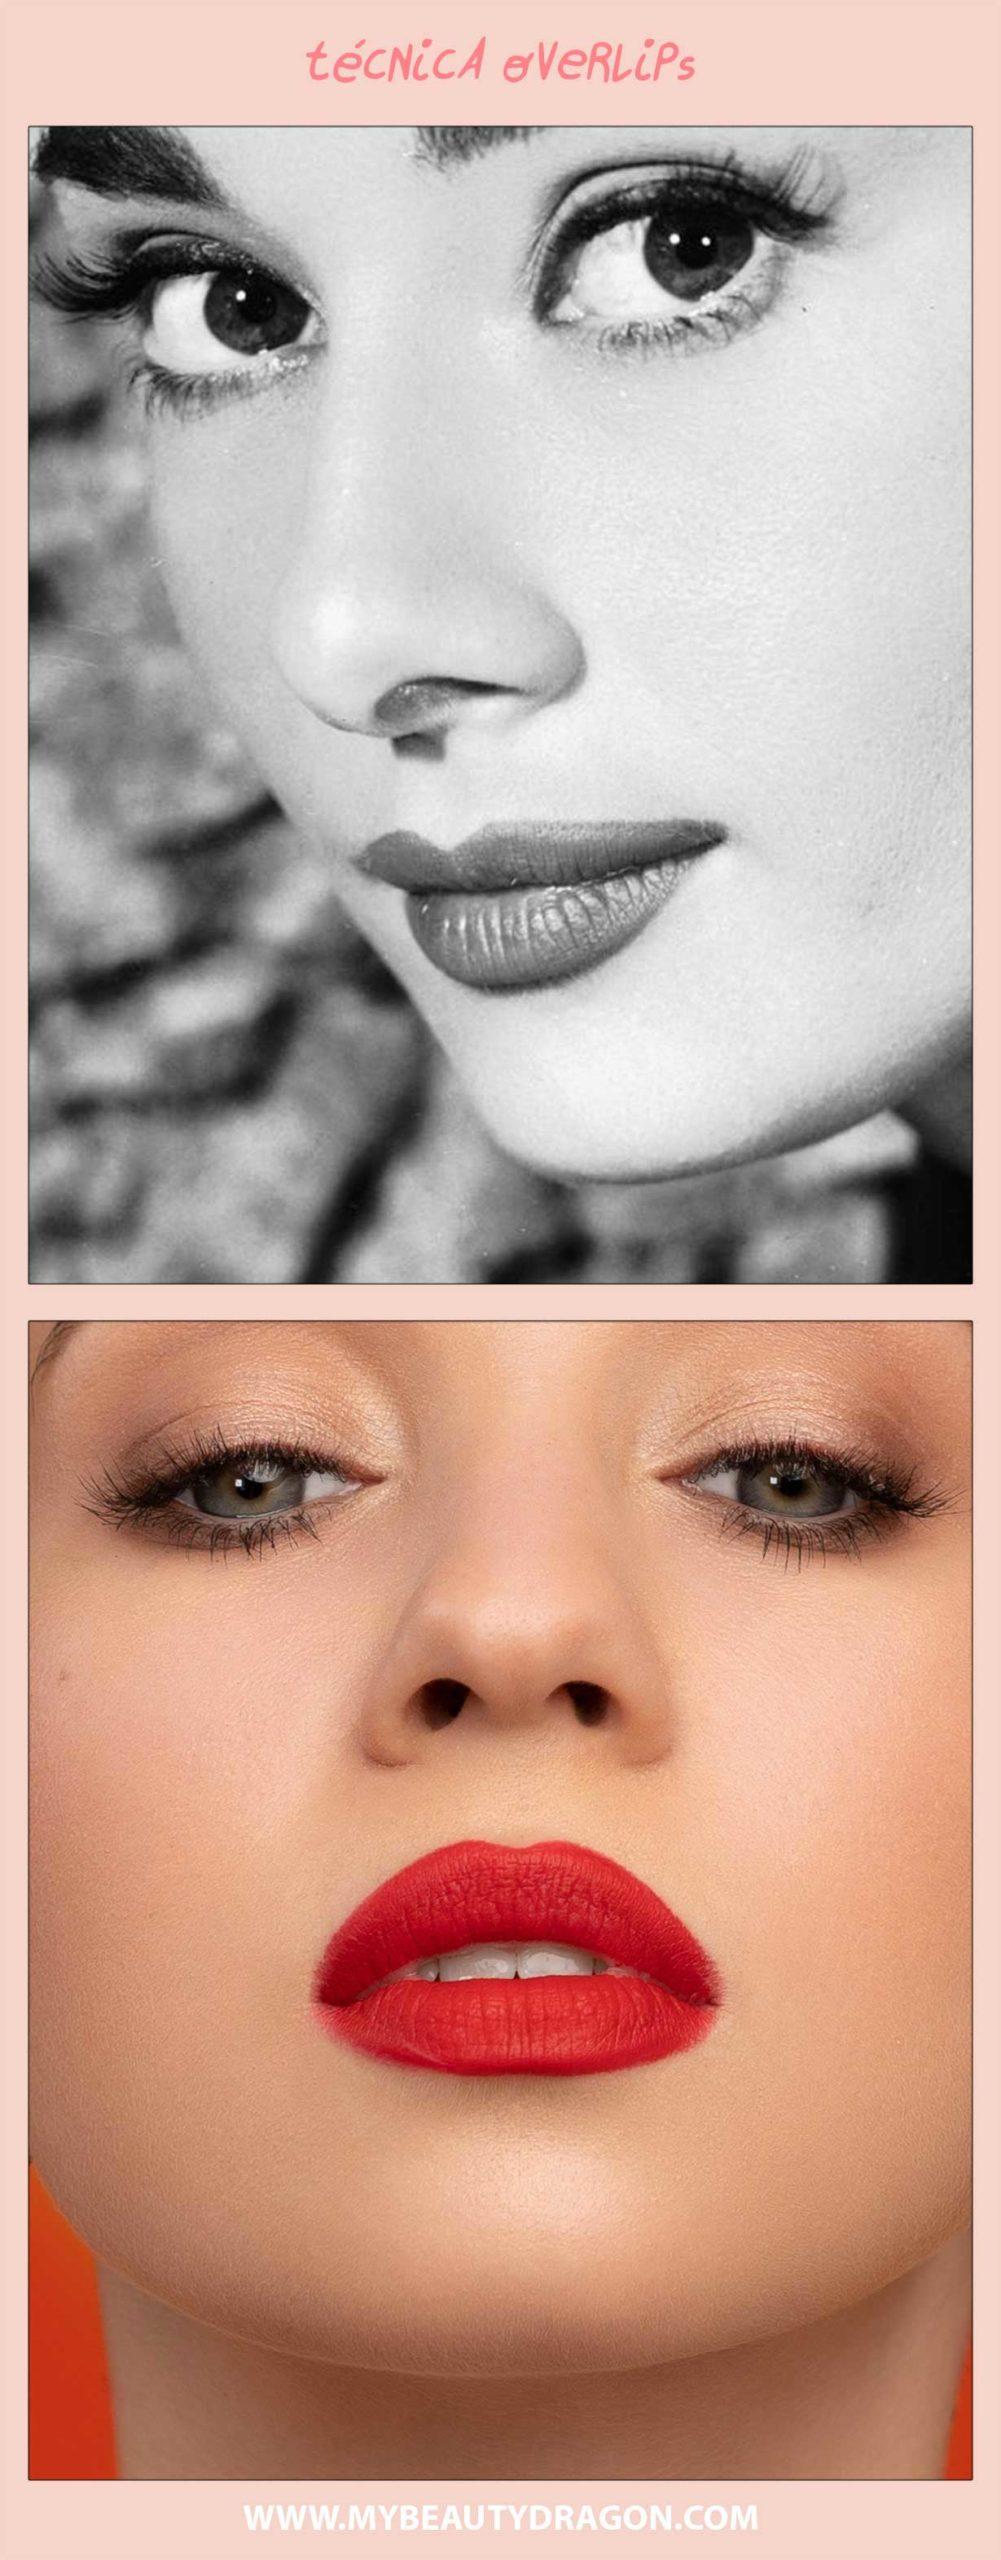 Conseguir labios más grandes con la técnica overlips